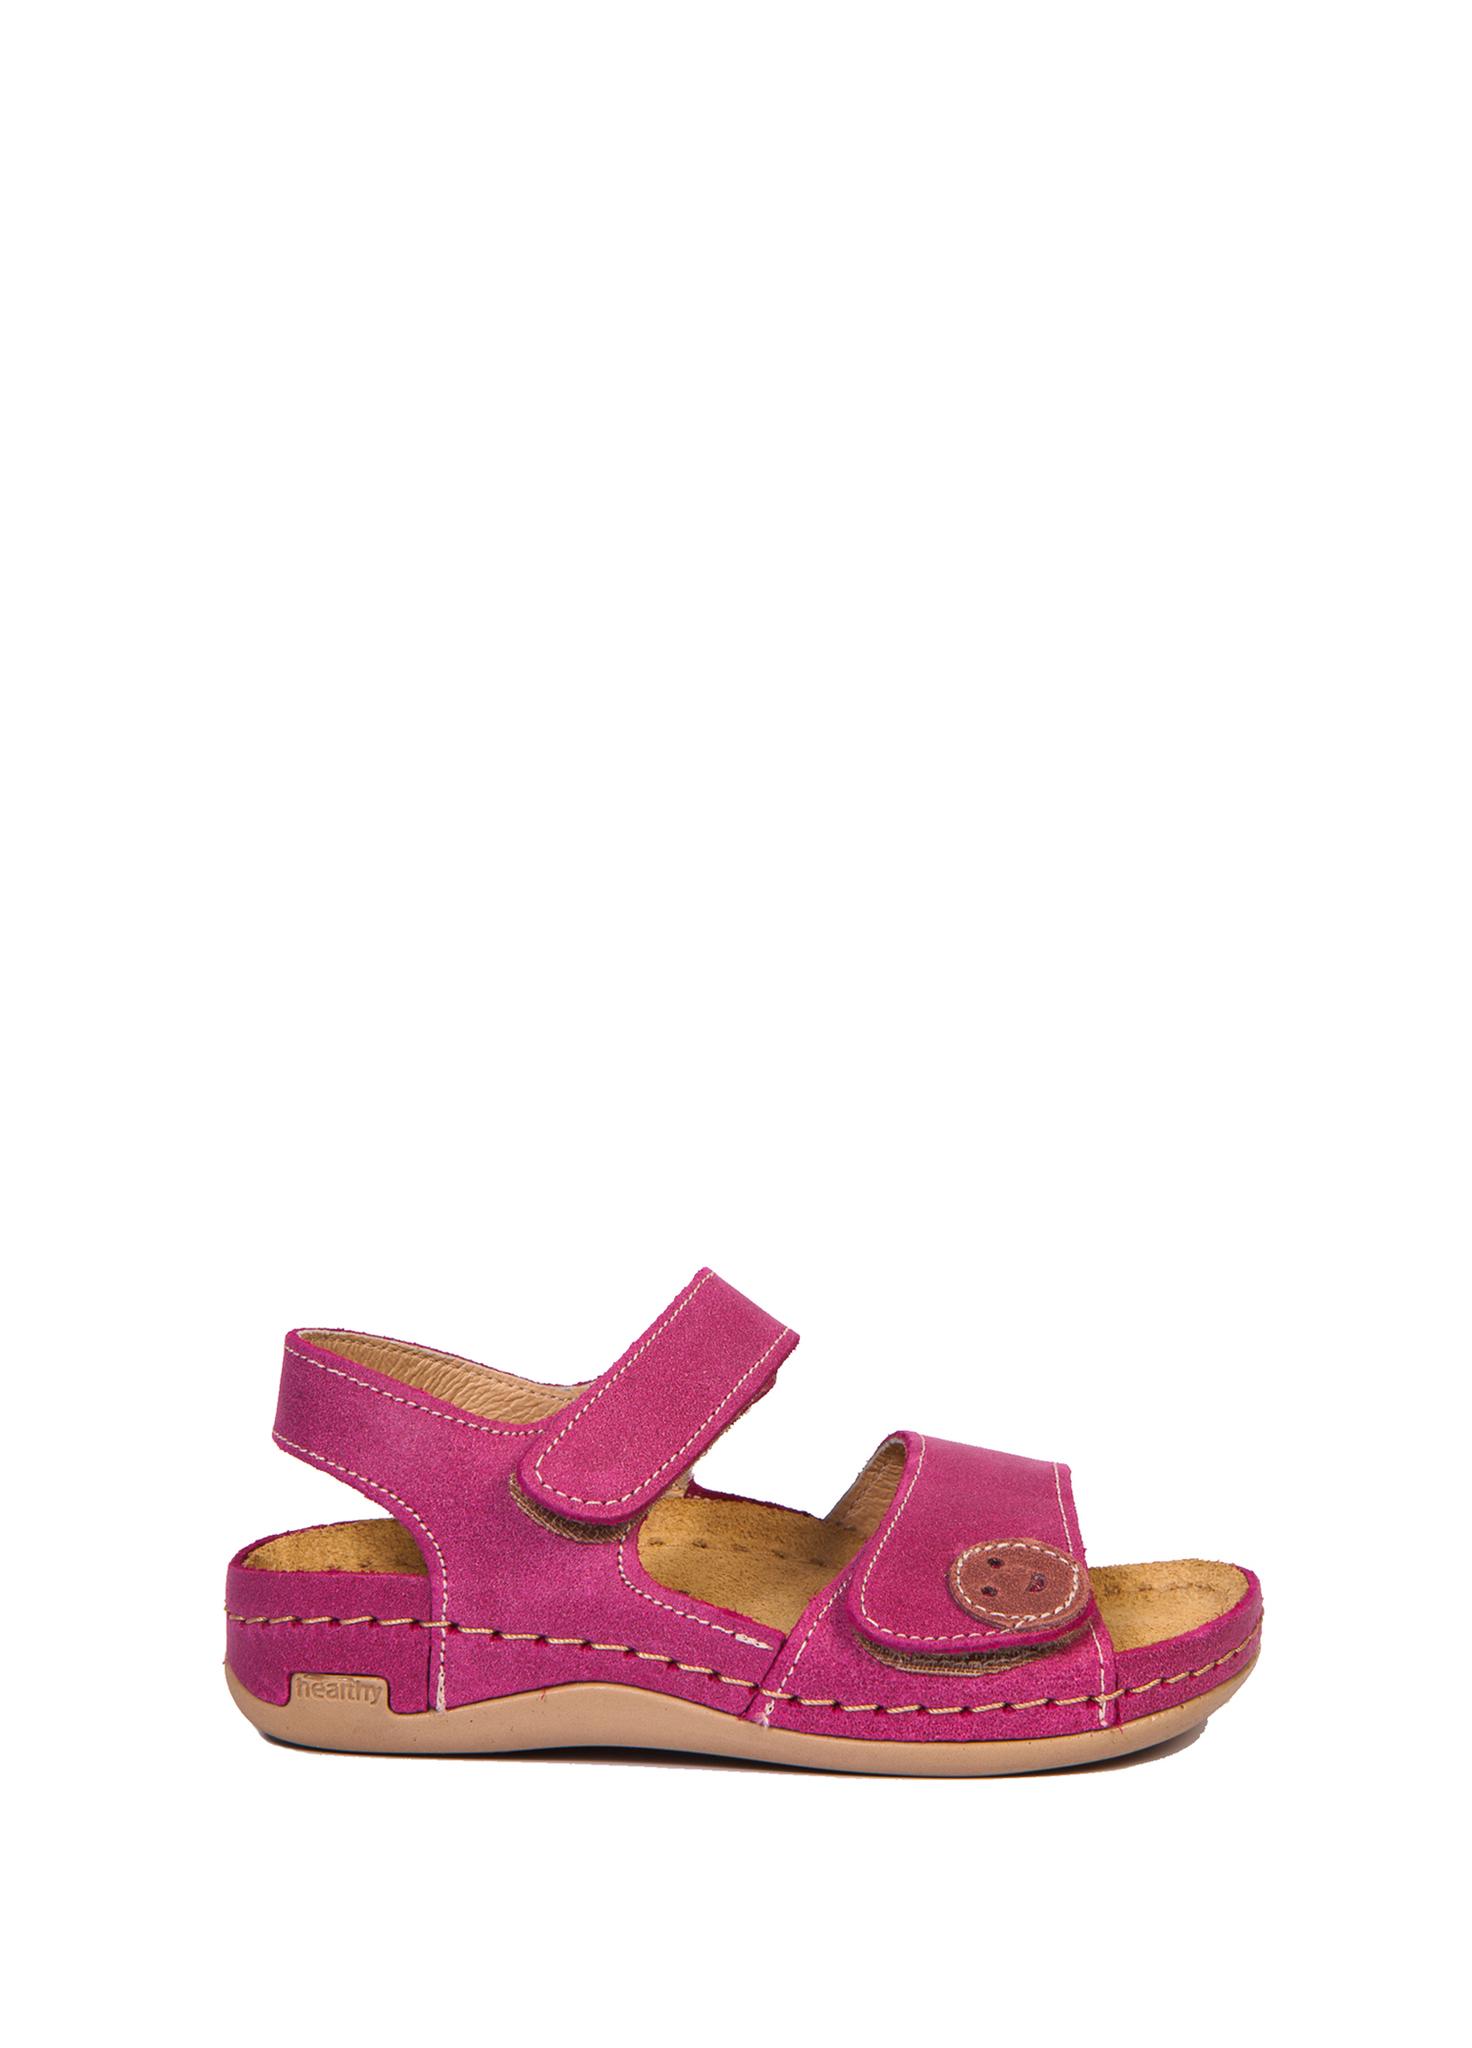 Детские сандалии, модель 802 (розовые)